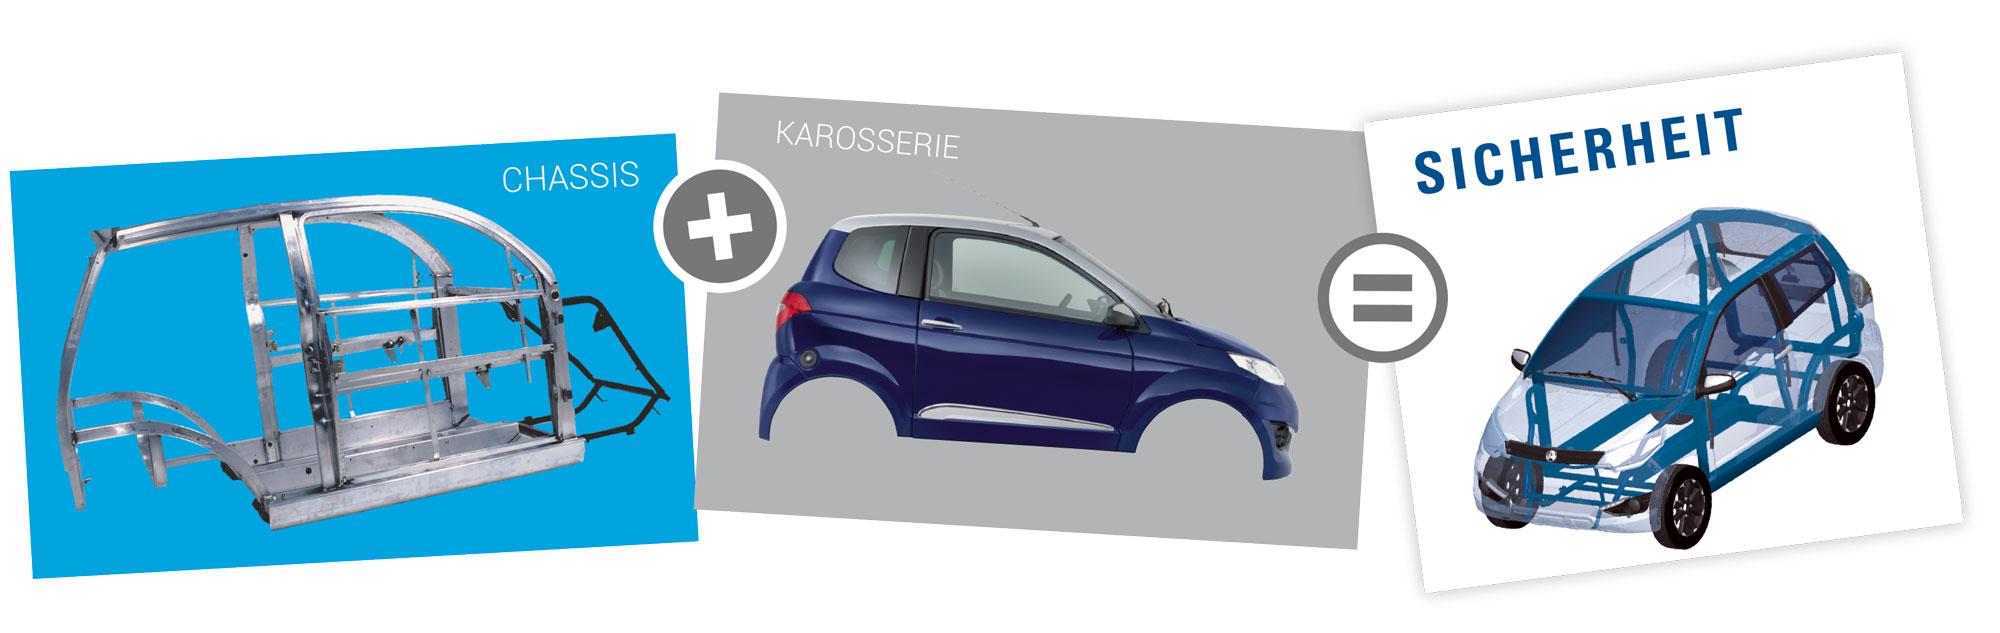 Chassis Karosserie Sicherheit